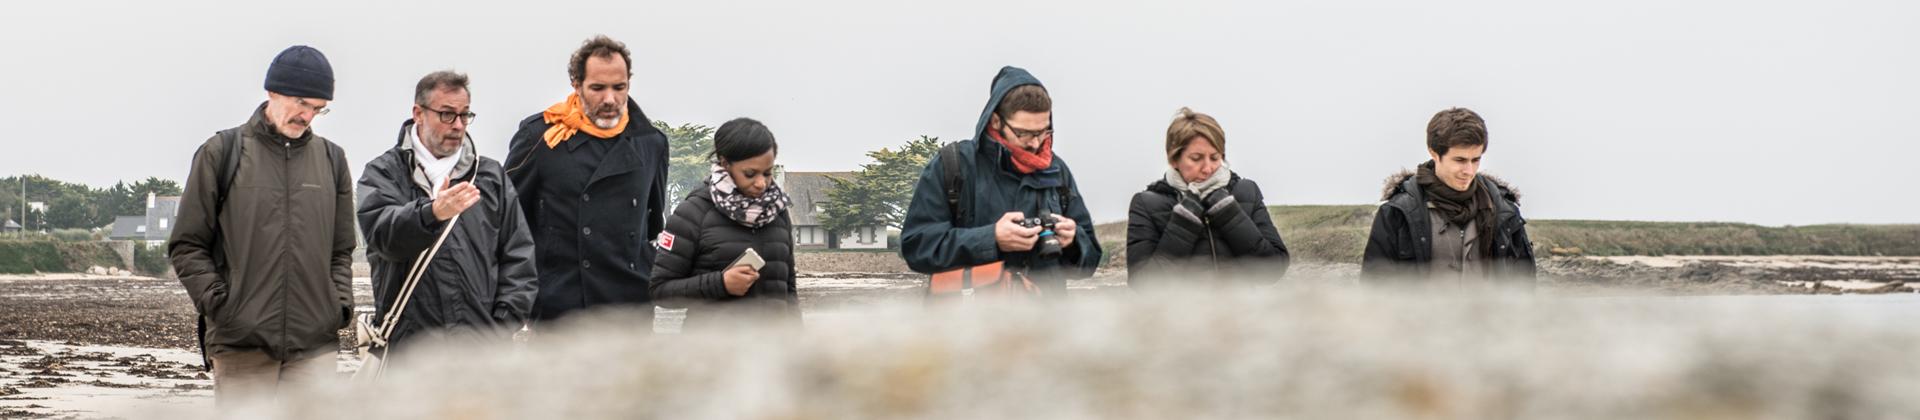 Les auteurs marchant sur la plage à Plounéour-Trez